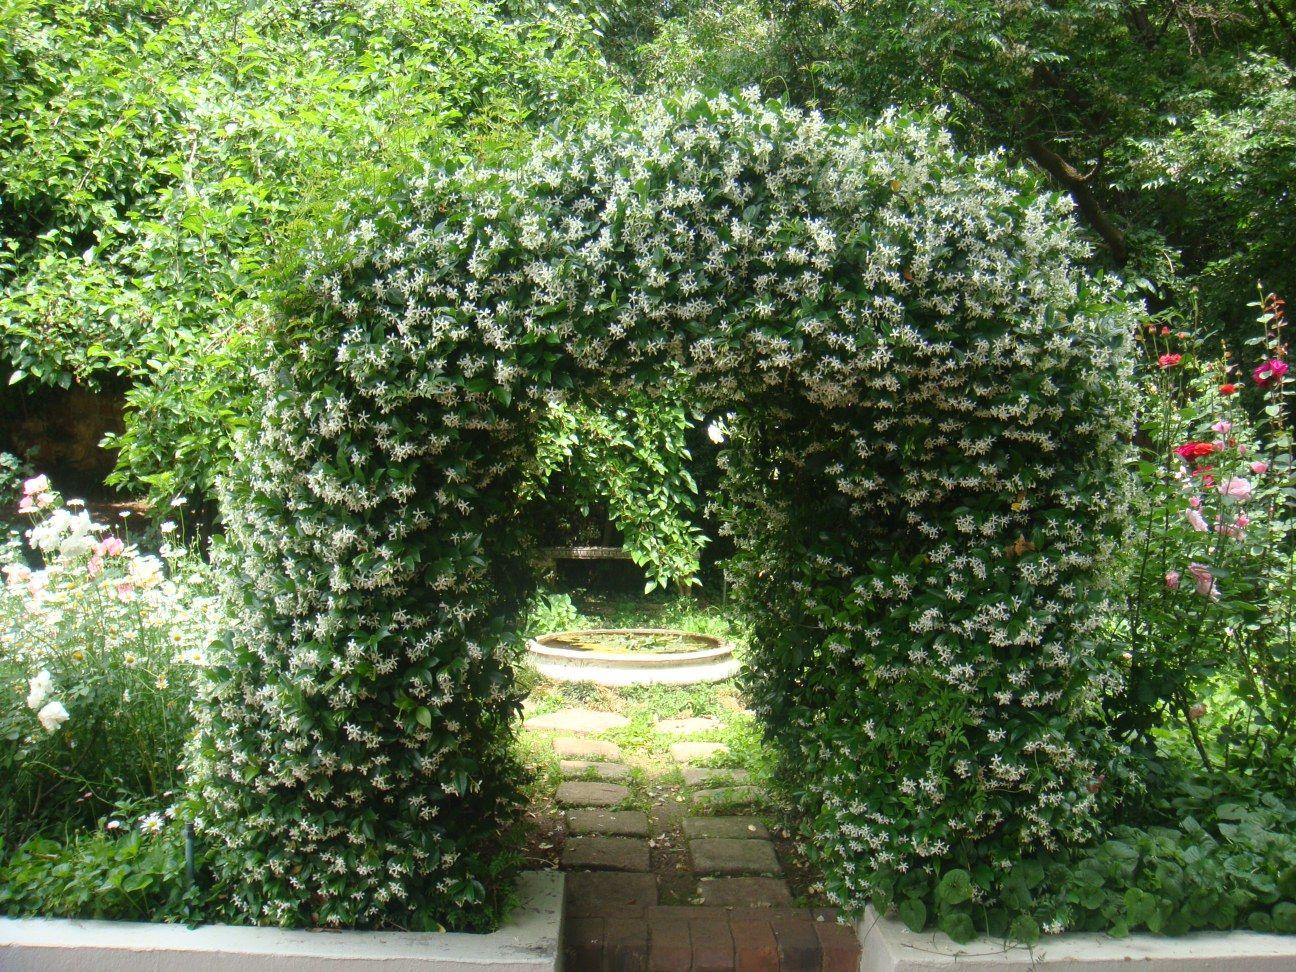 Star jasmine arch | Garden inspiration, Secret garden ...